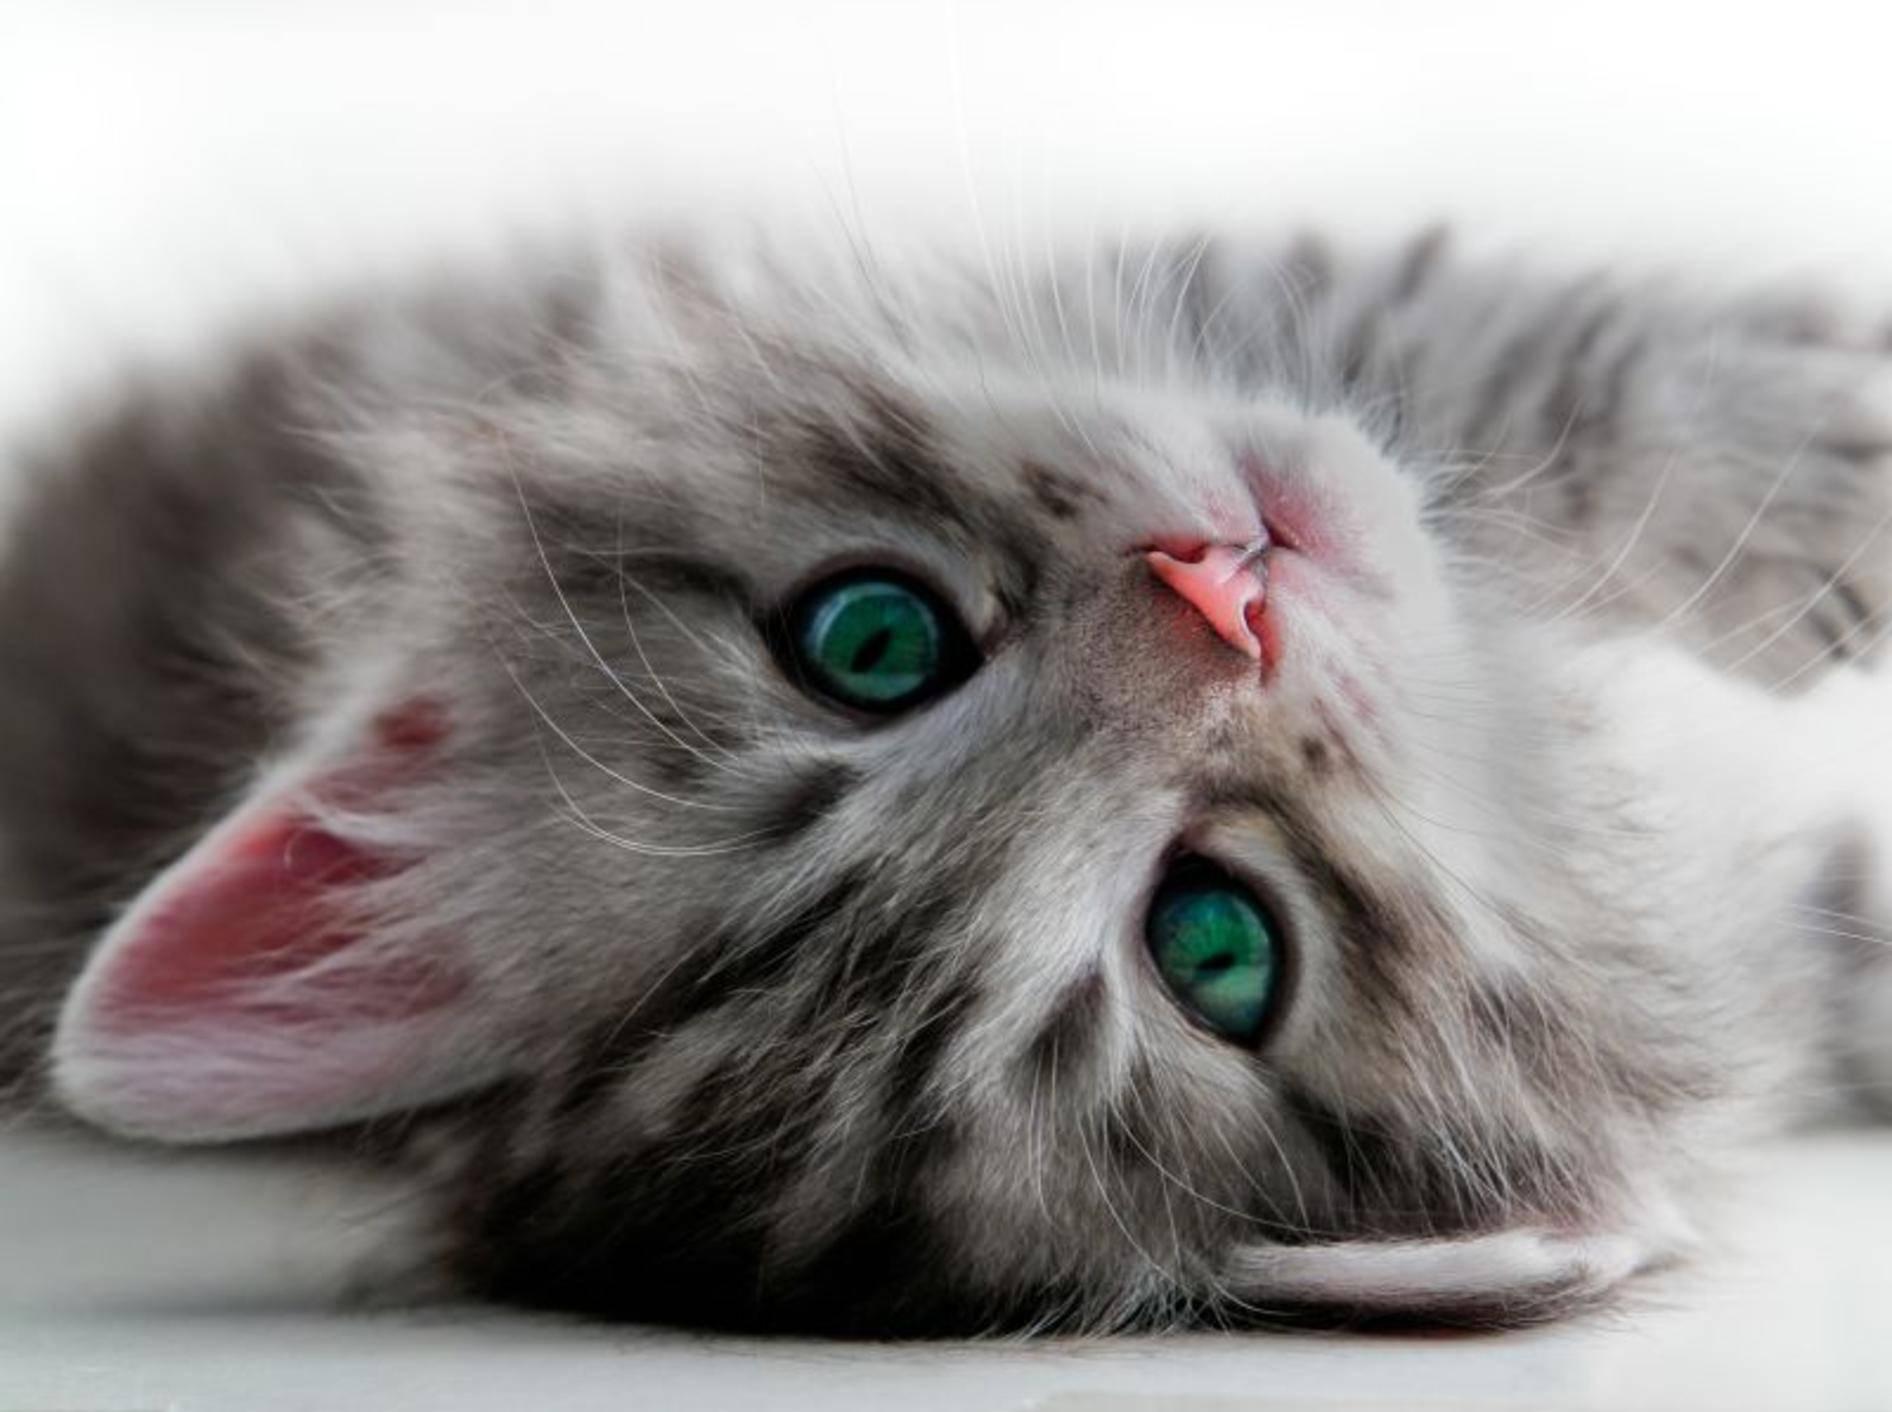 Praktisch: Automatischer Wasserspender für Katzen – Bild: Shutterstock / Orhan Cam